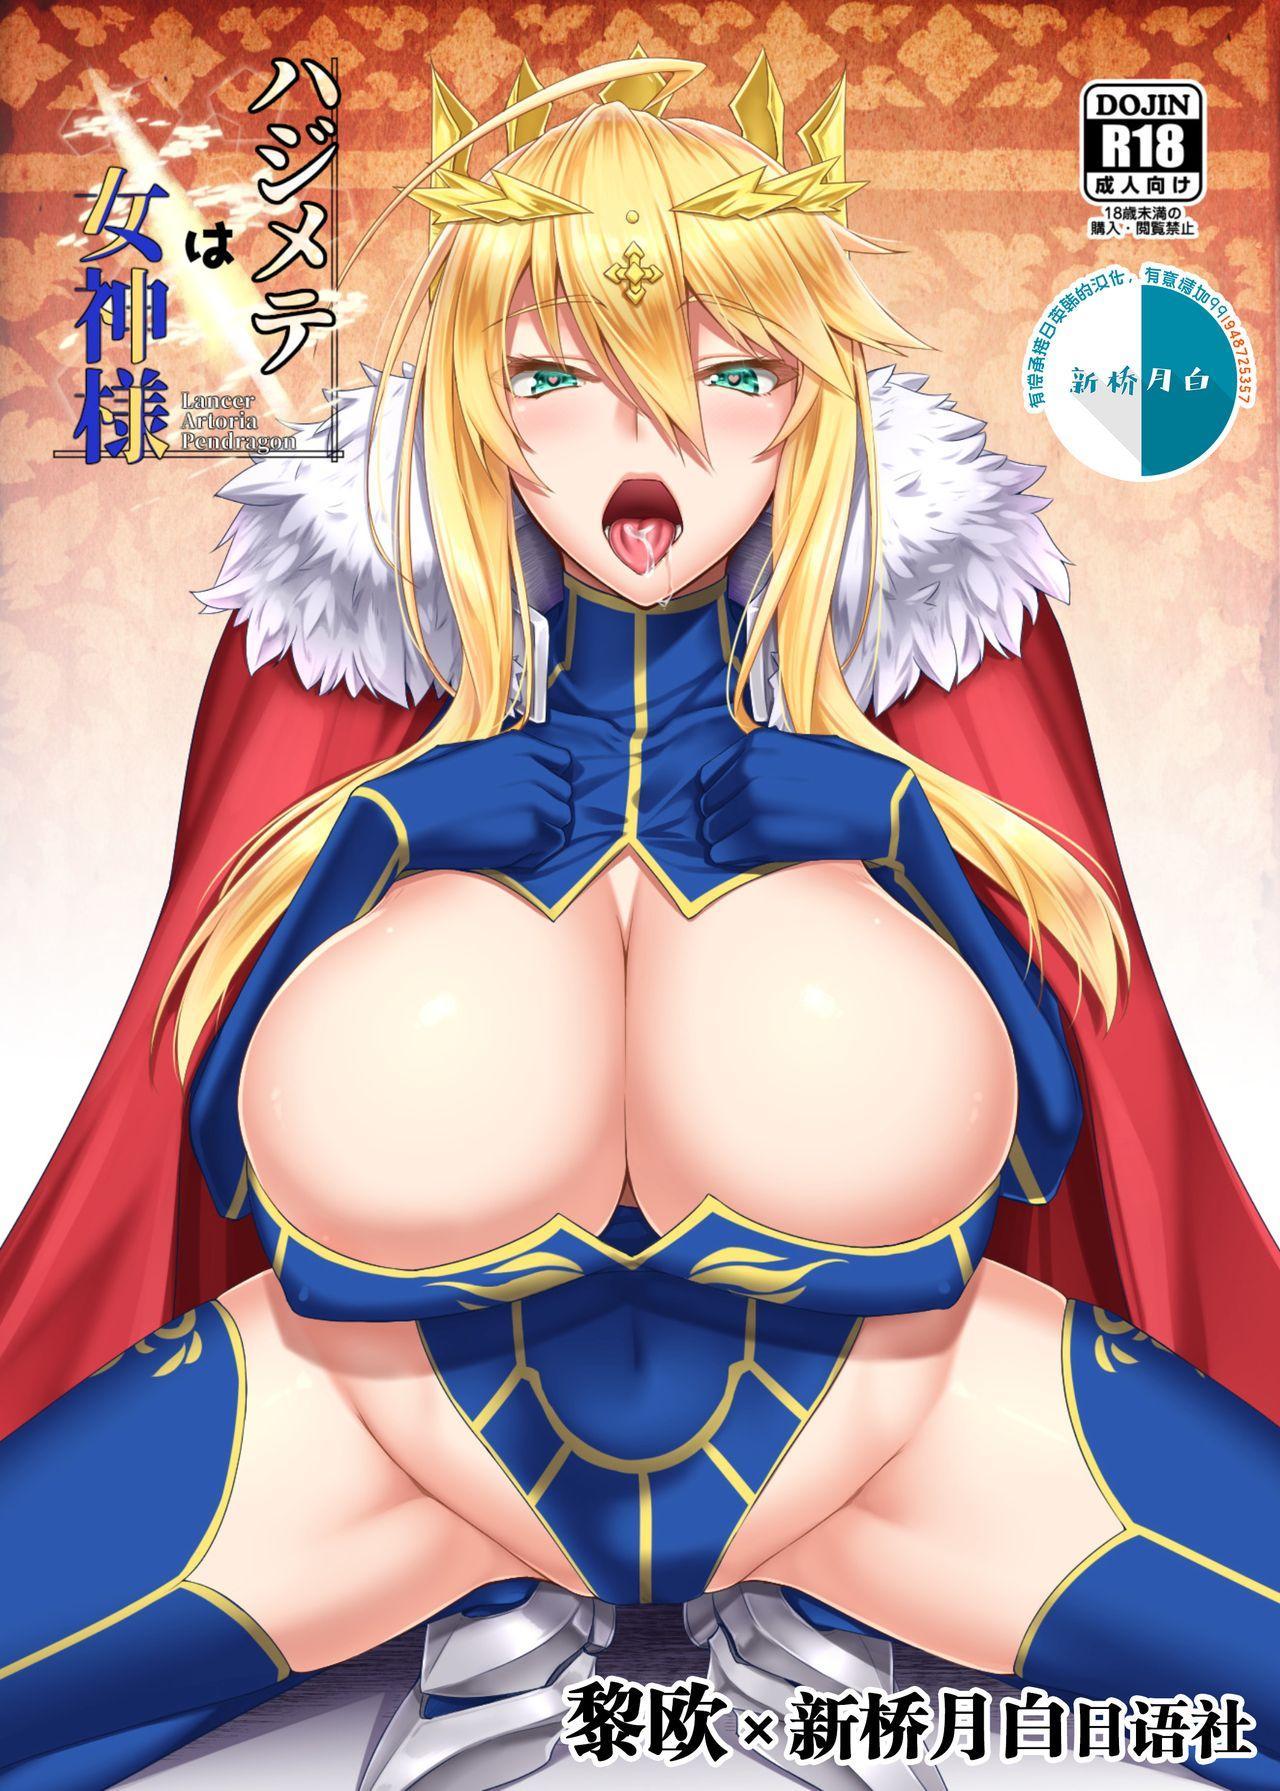 Hajimete wa Megami-sama 0